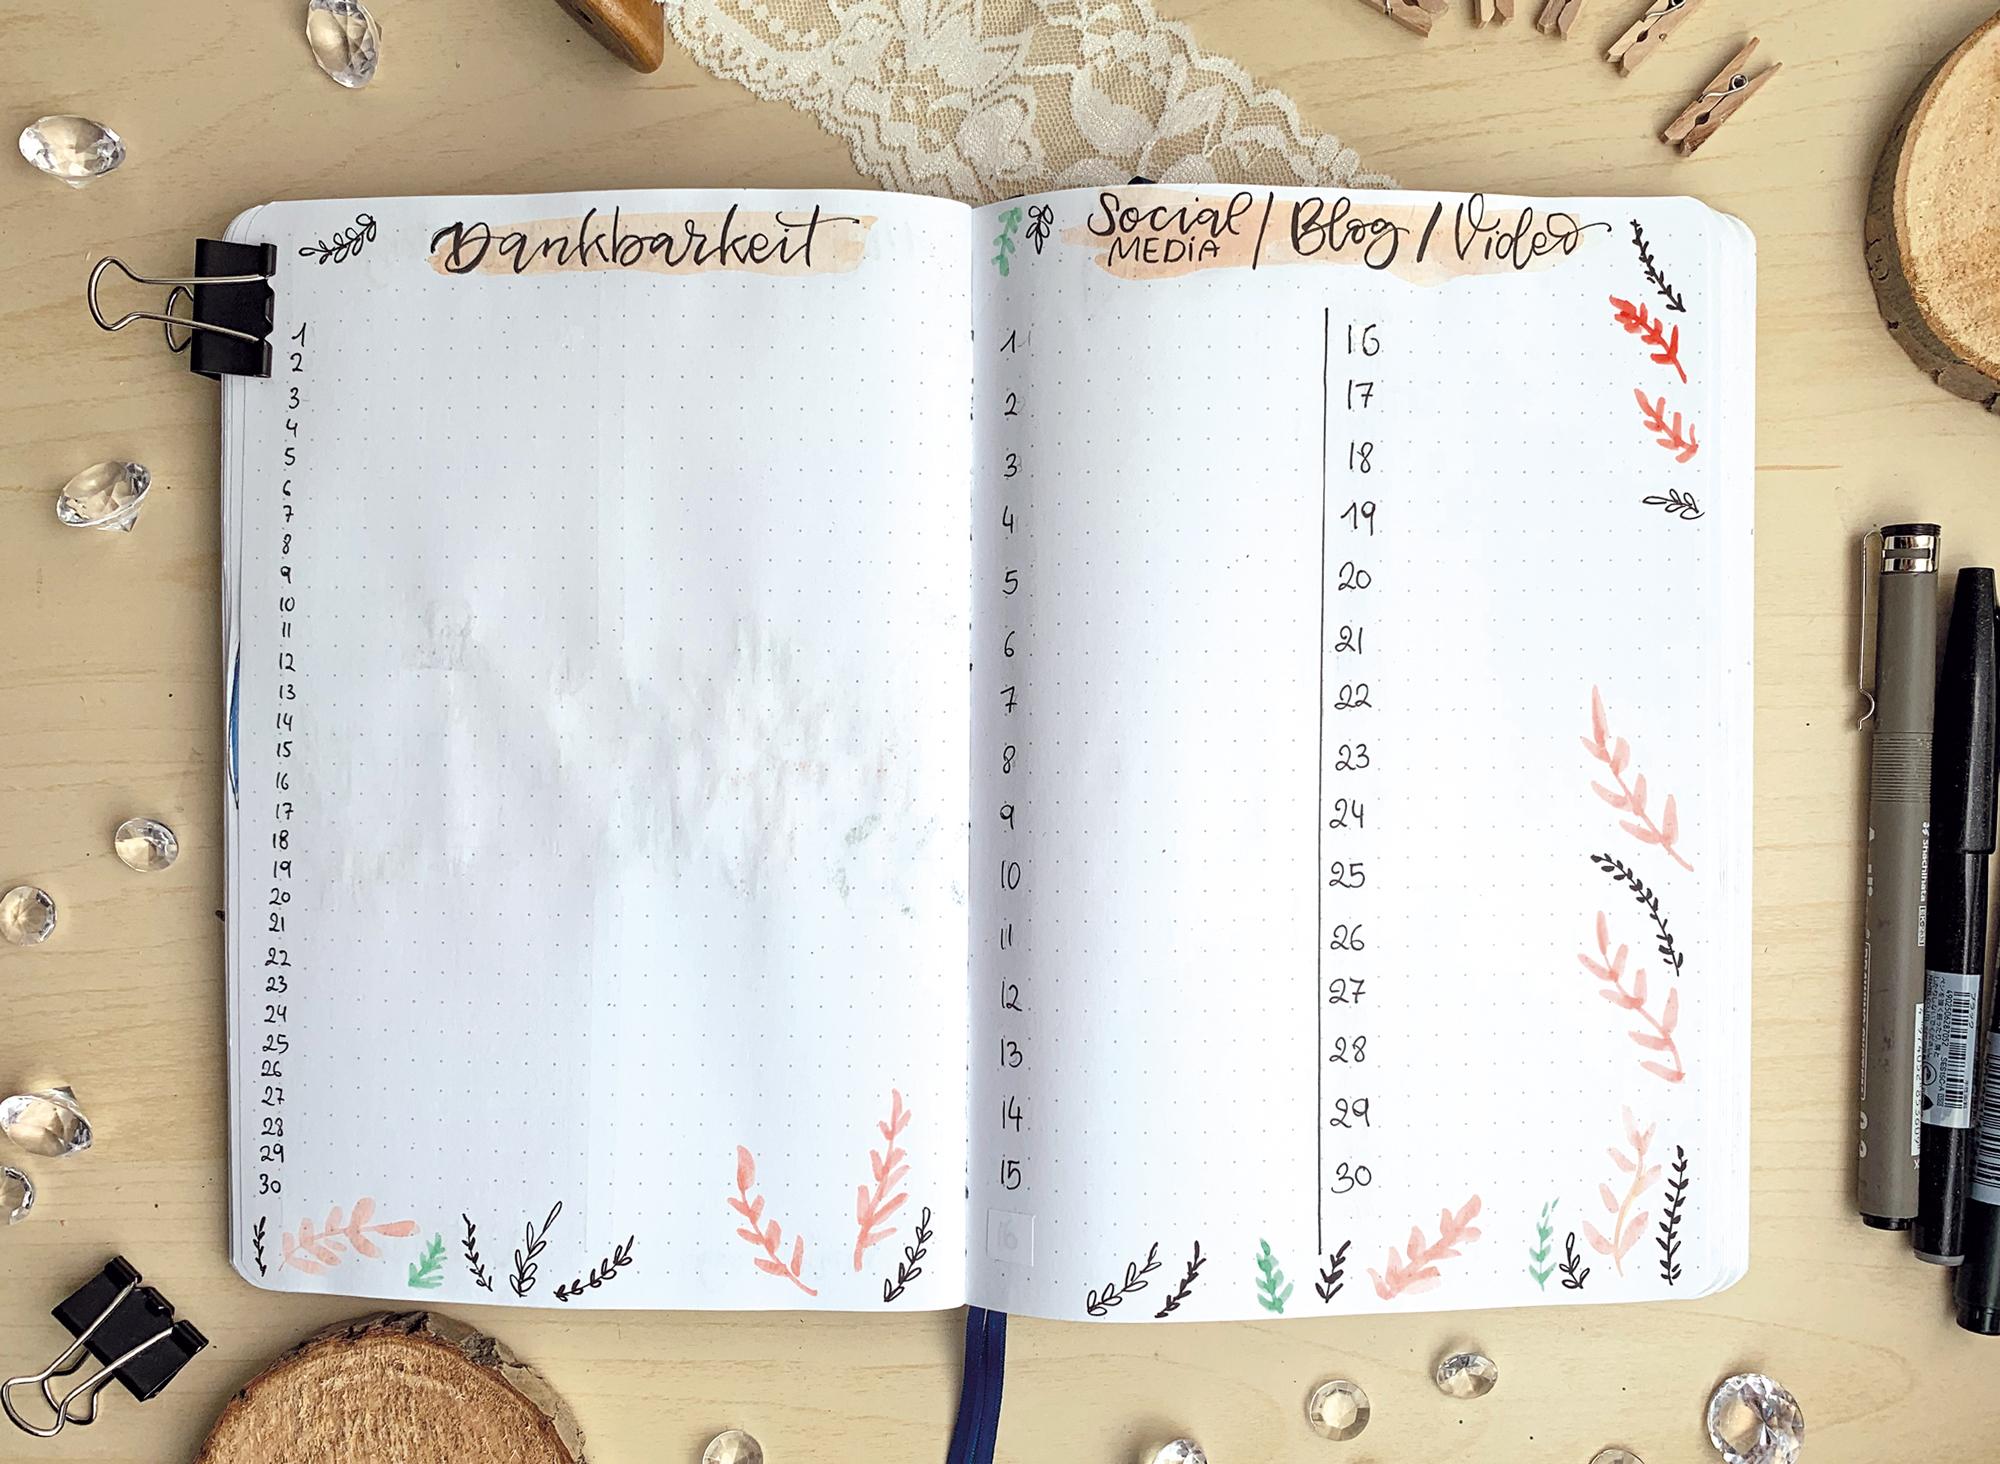 verenamuenstermann - Liste - Dankbarkeitsliste - November